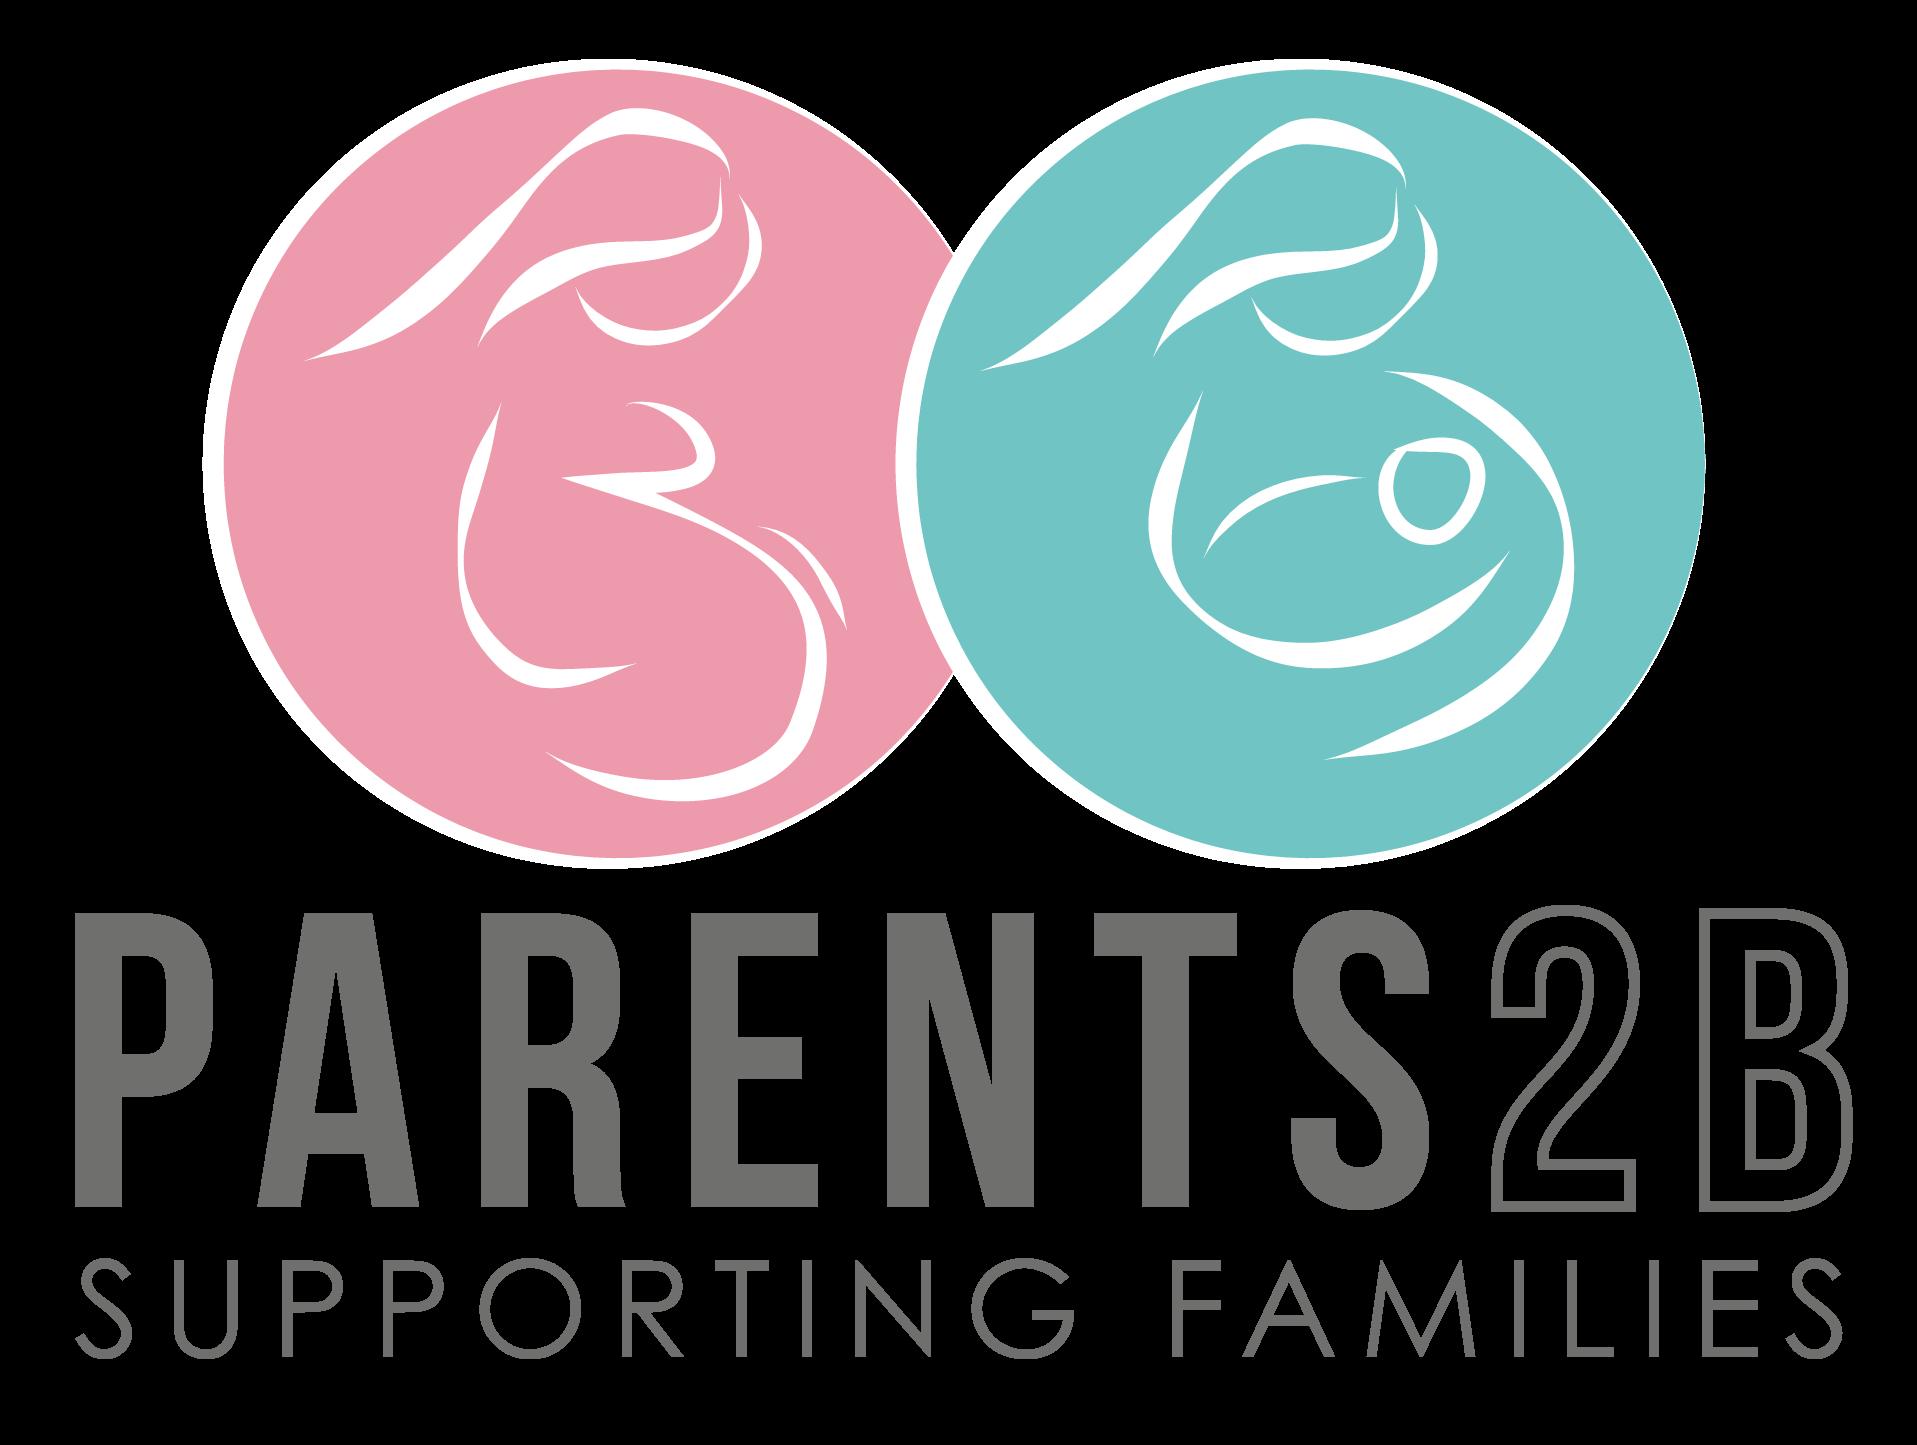 Parents 2B